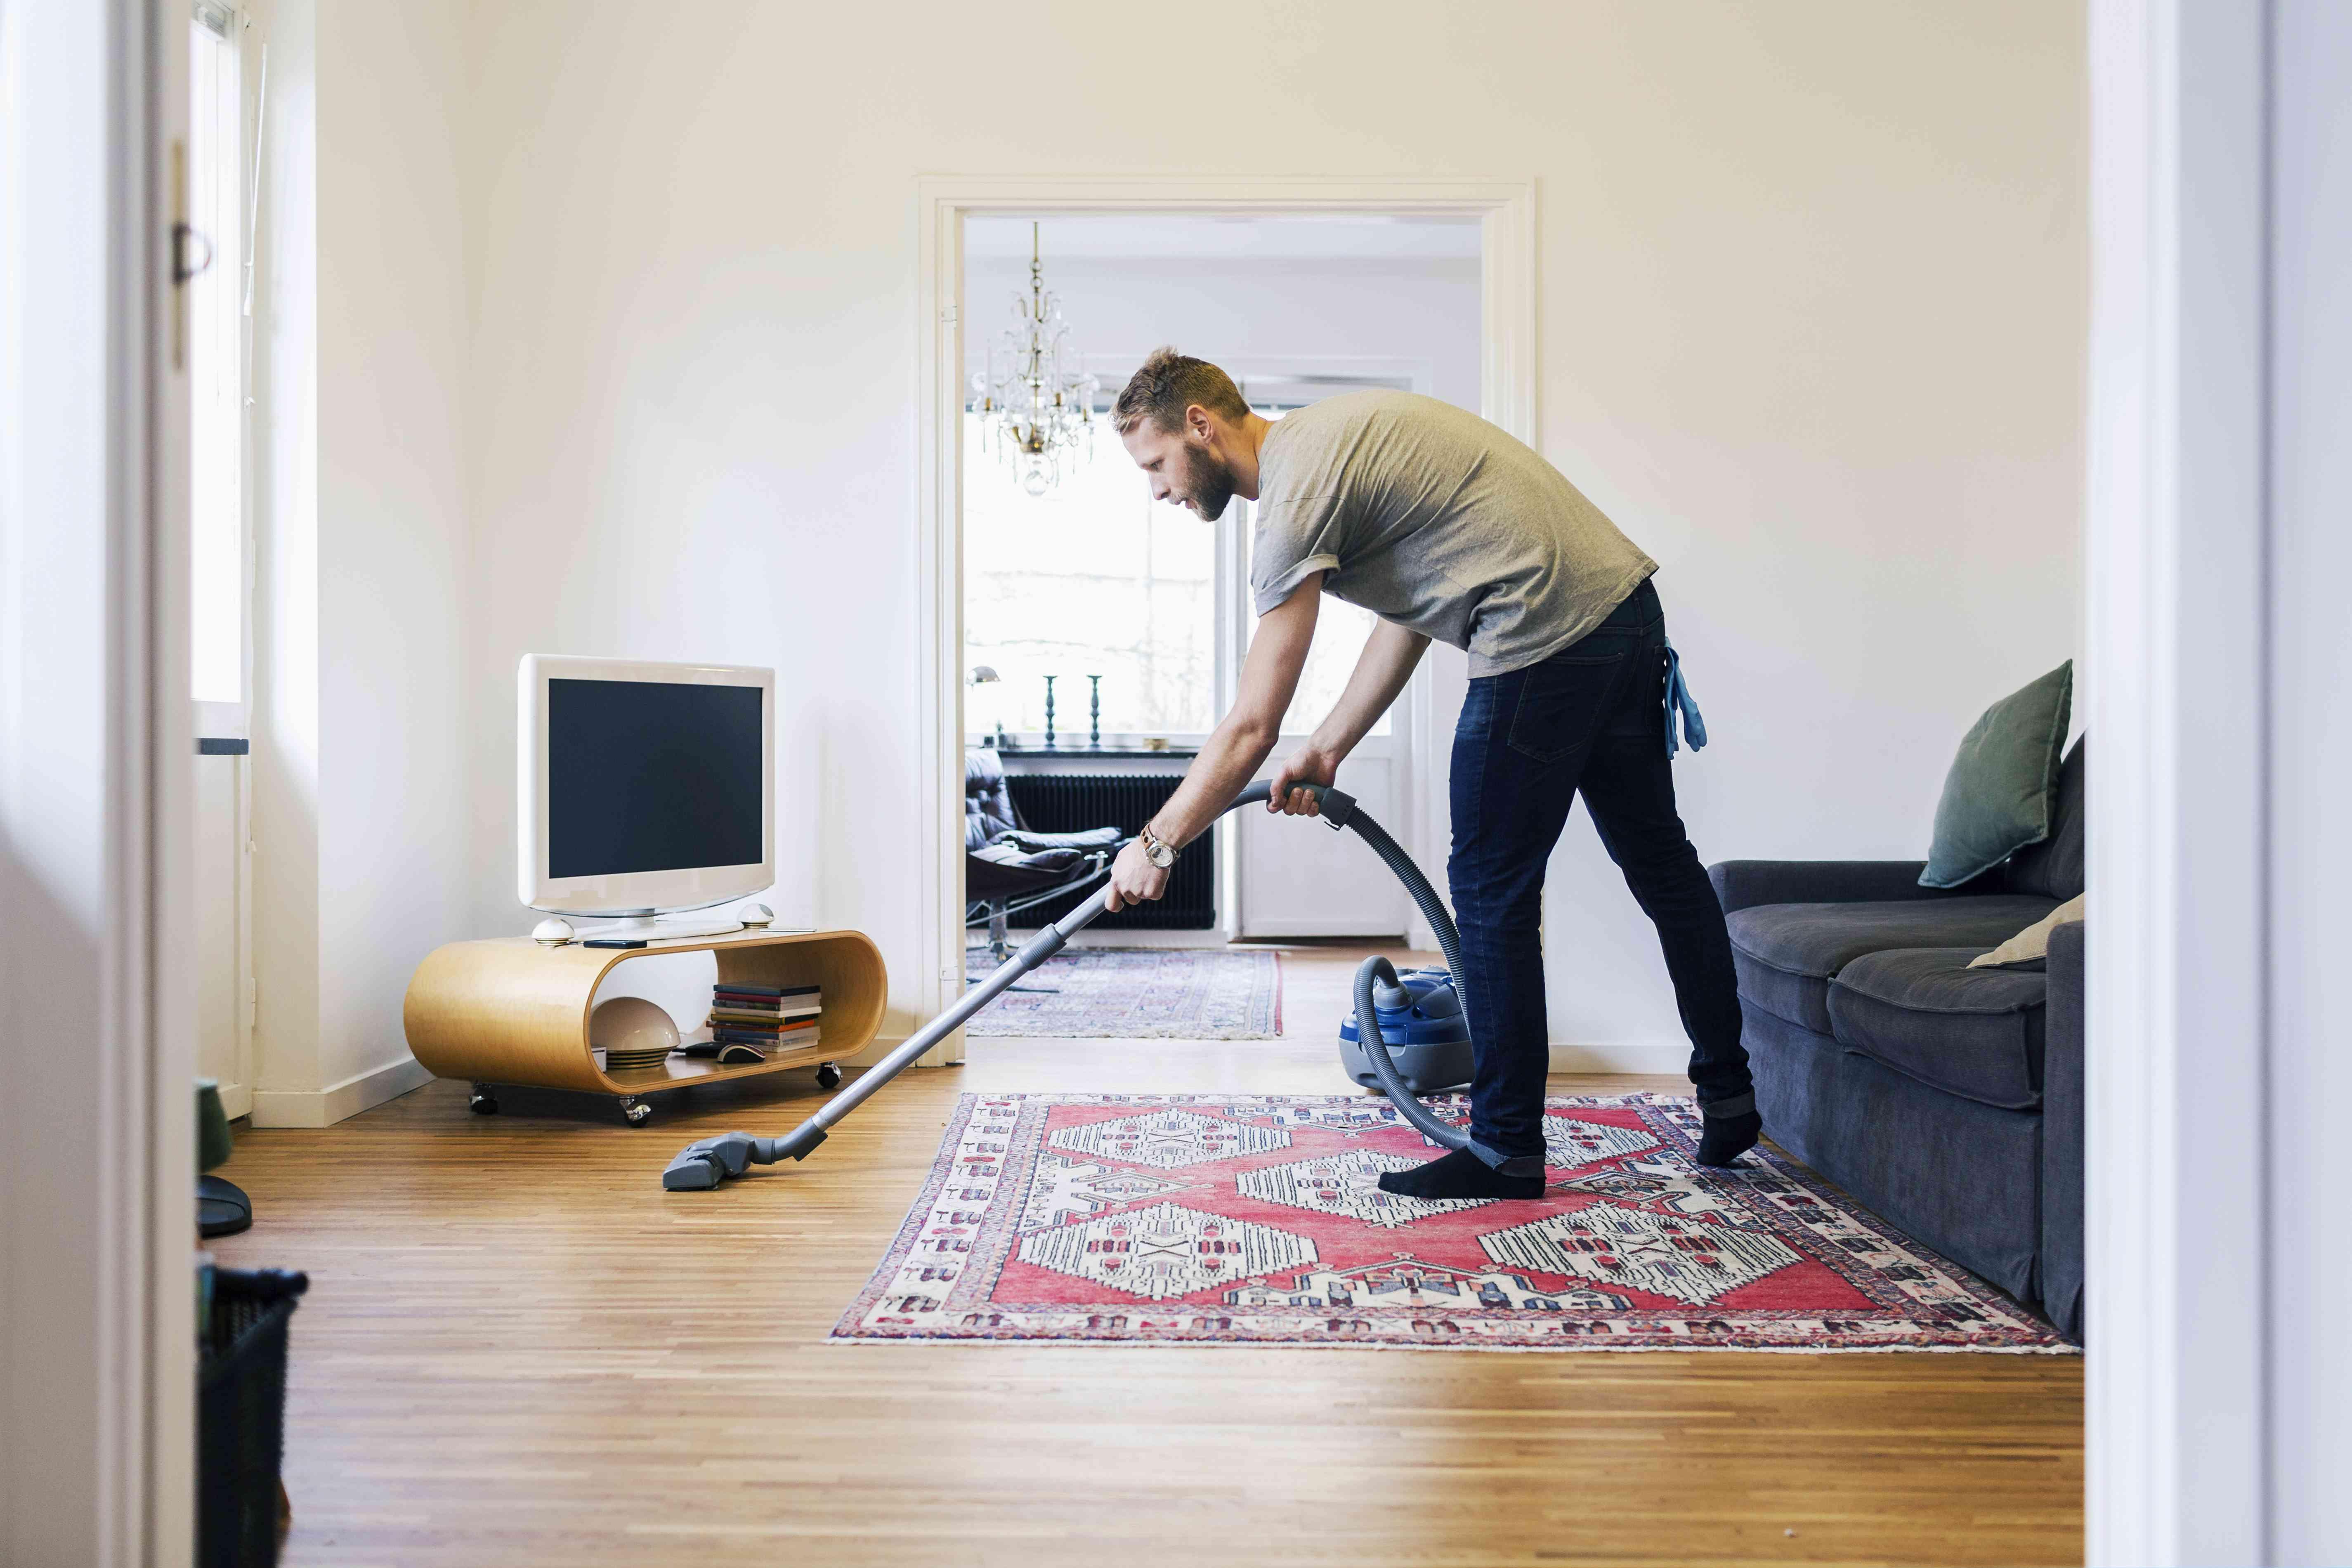 Side view of man vacuuming hardwood floor